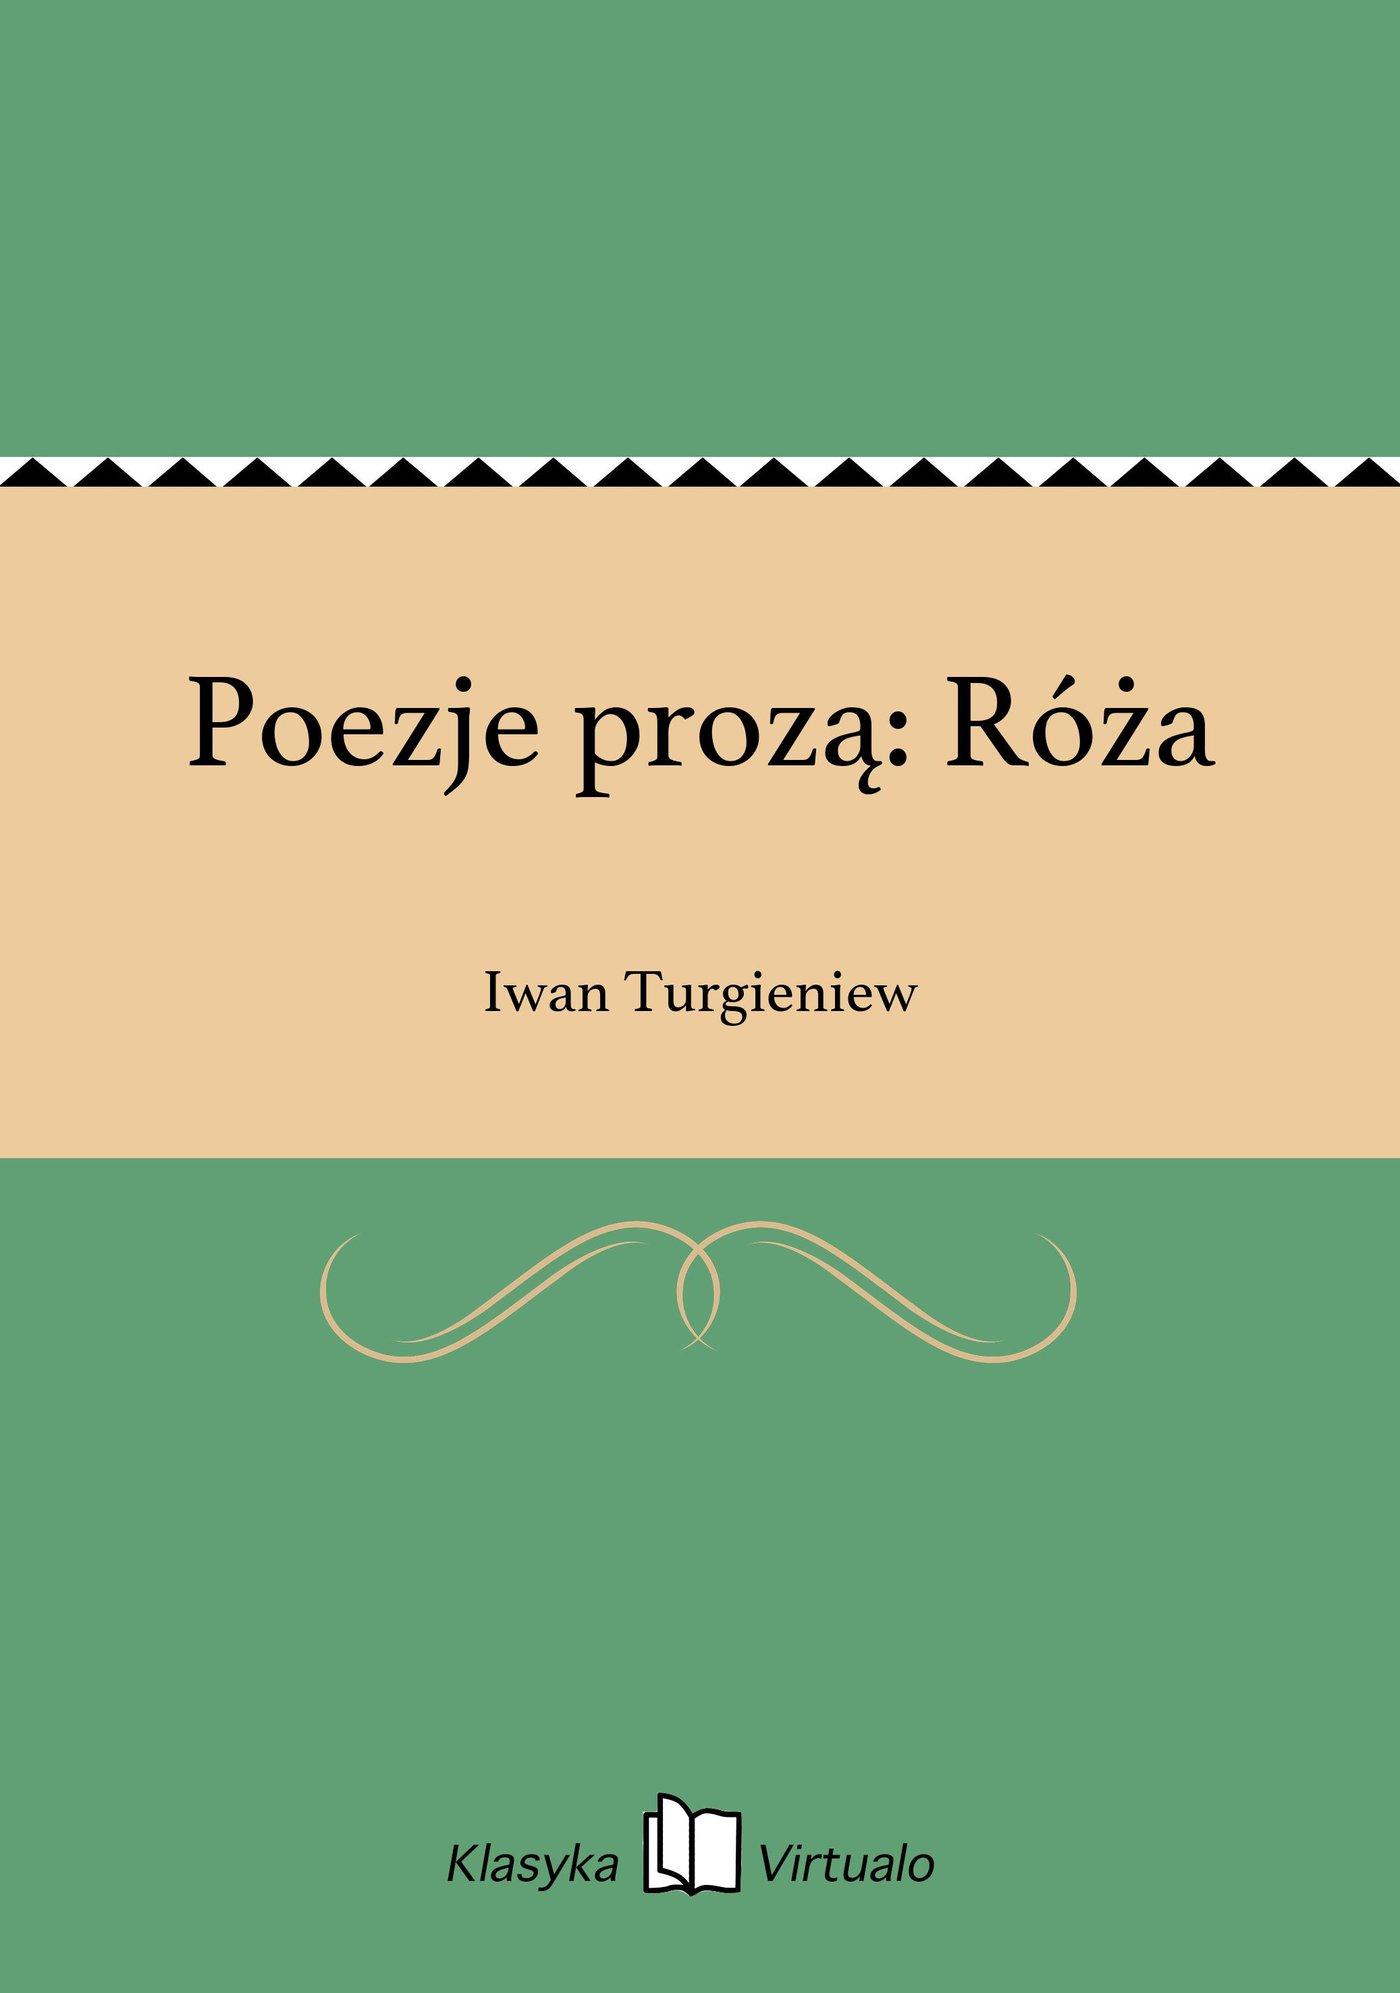 Poezje prozą: Róża - Ebook (Książka na Kindle) do pobrania w formacie MOBI